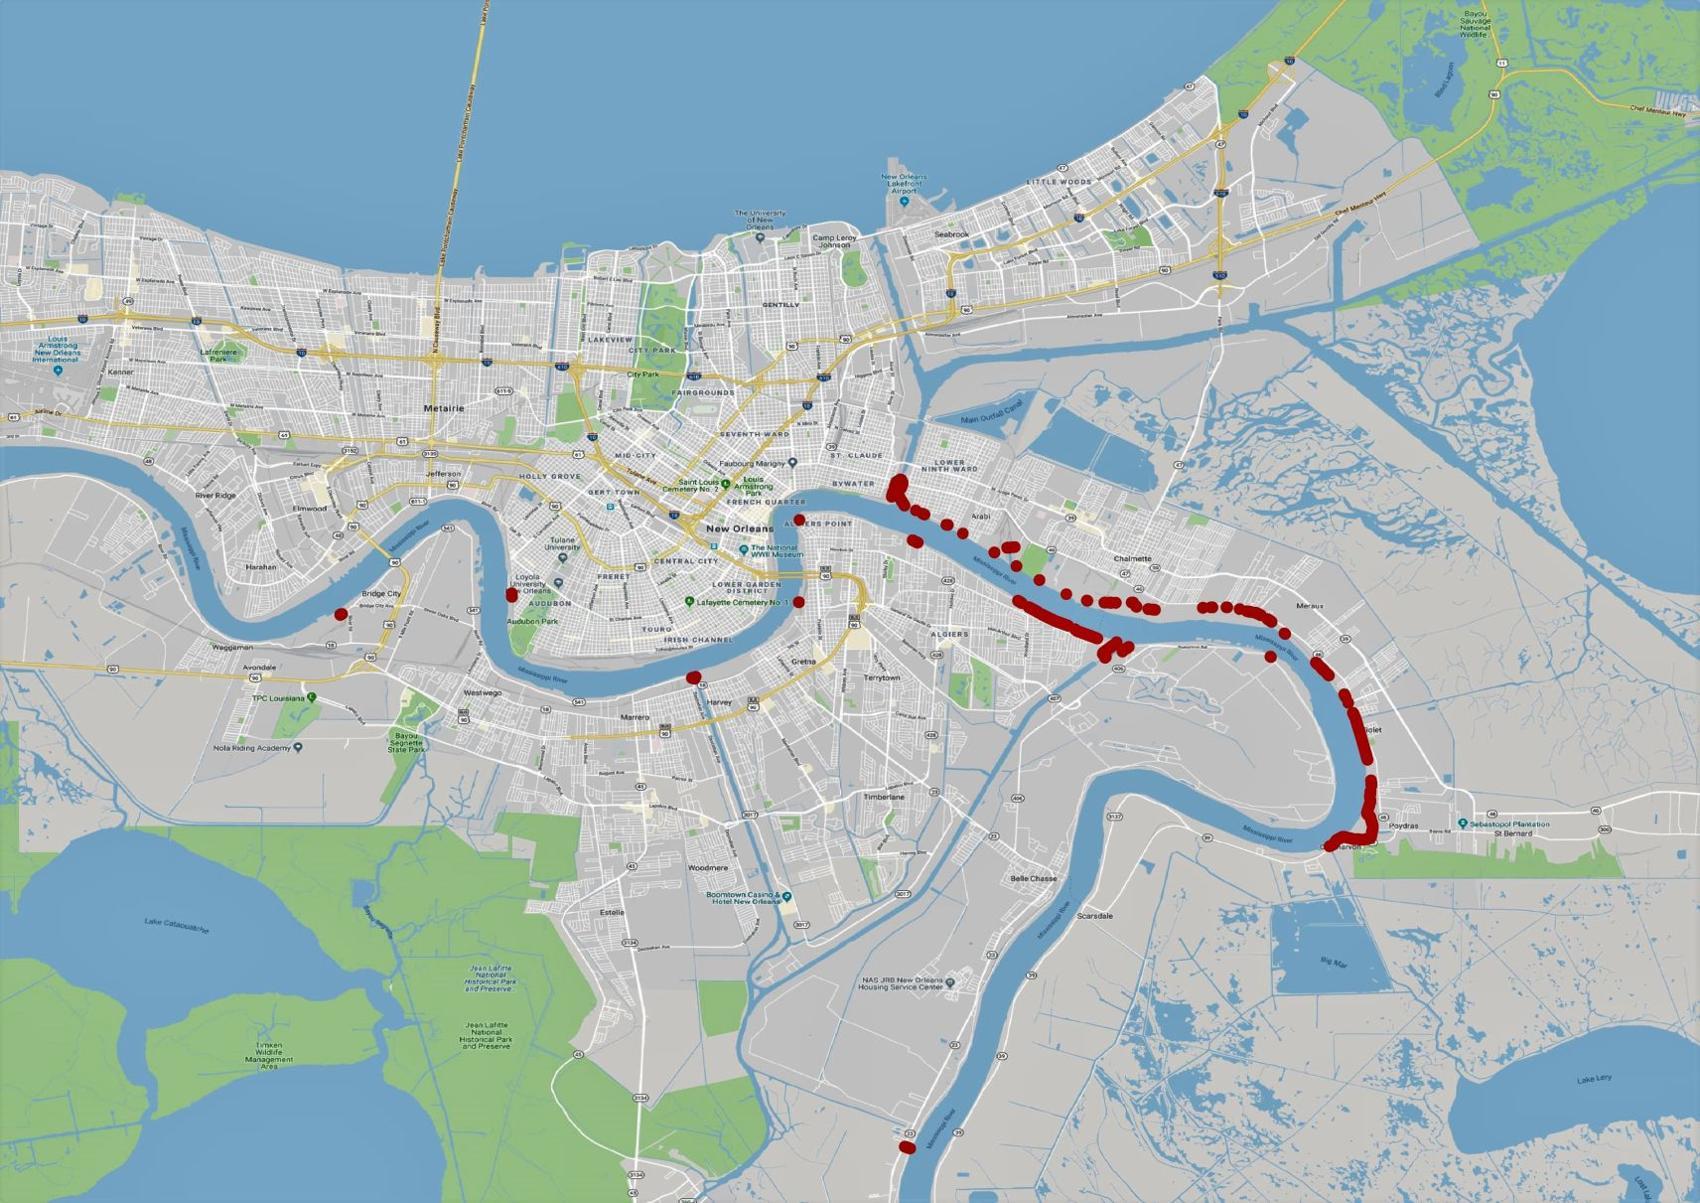 紅色點是密西西比河岸河堤低於20呎的地區,這些地方現在都處於危險中。(Army Corps of Engineers National Levee Database)